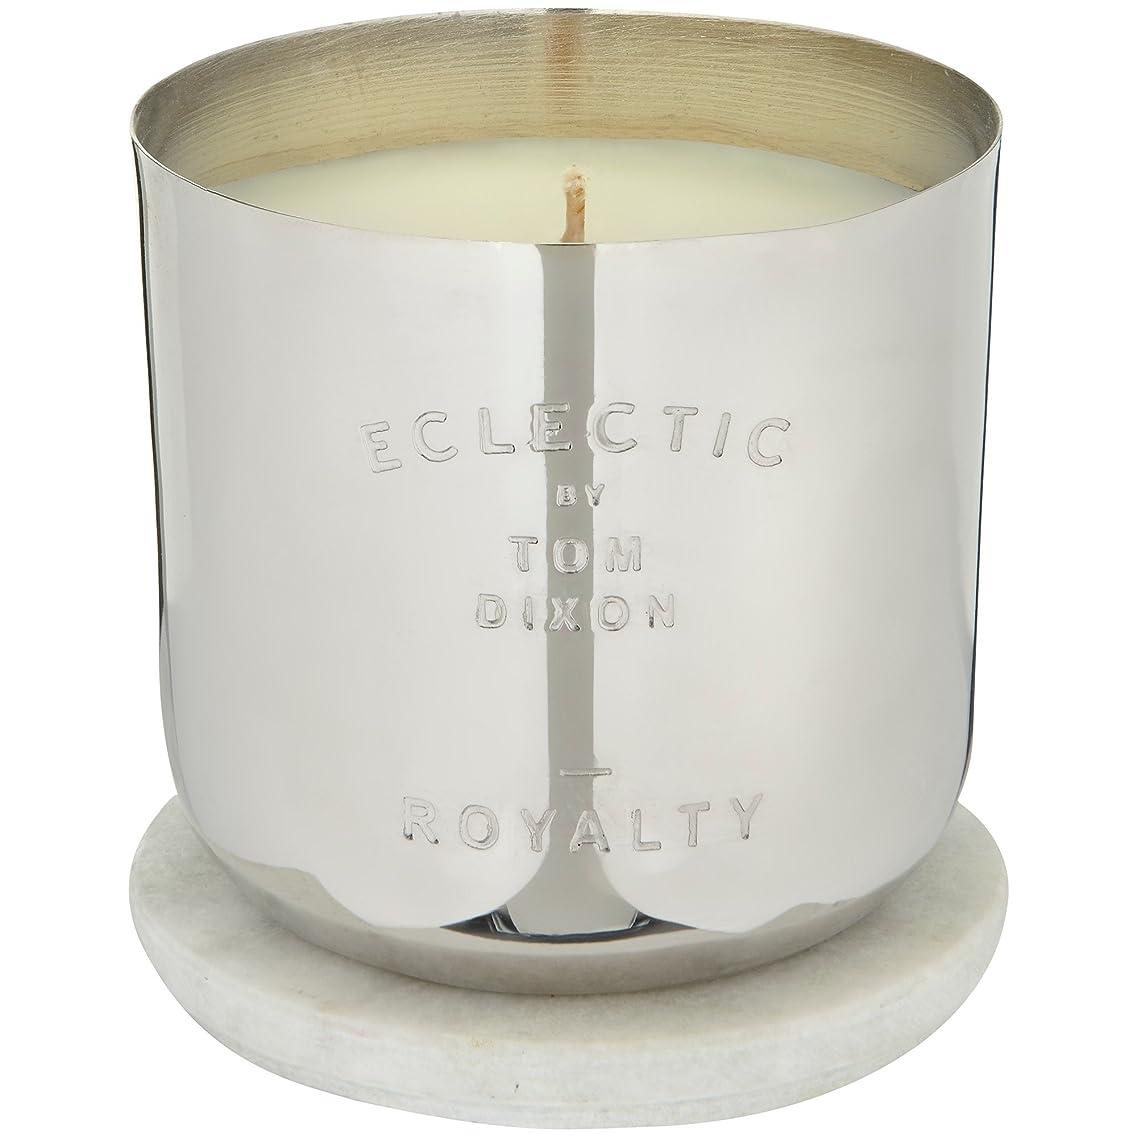 輪郭ゆるくデッドトム?ディクソンロイヤリティ香りのキャンドル x6 - Tom Dixon Royalty Scented Candle (Pack of 6) [並行輸入品]